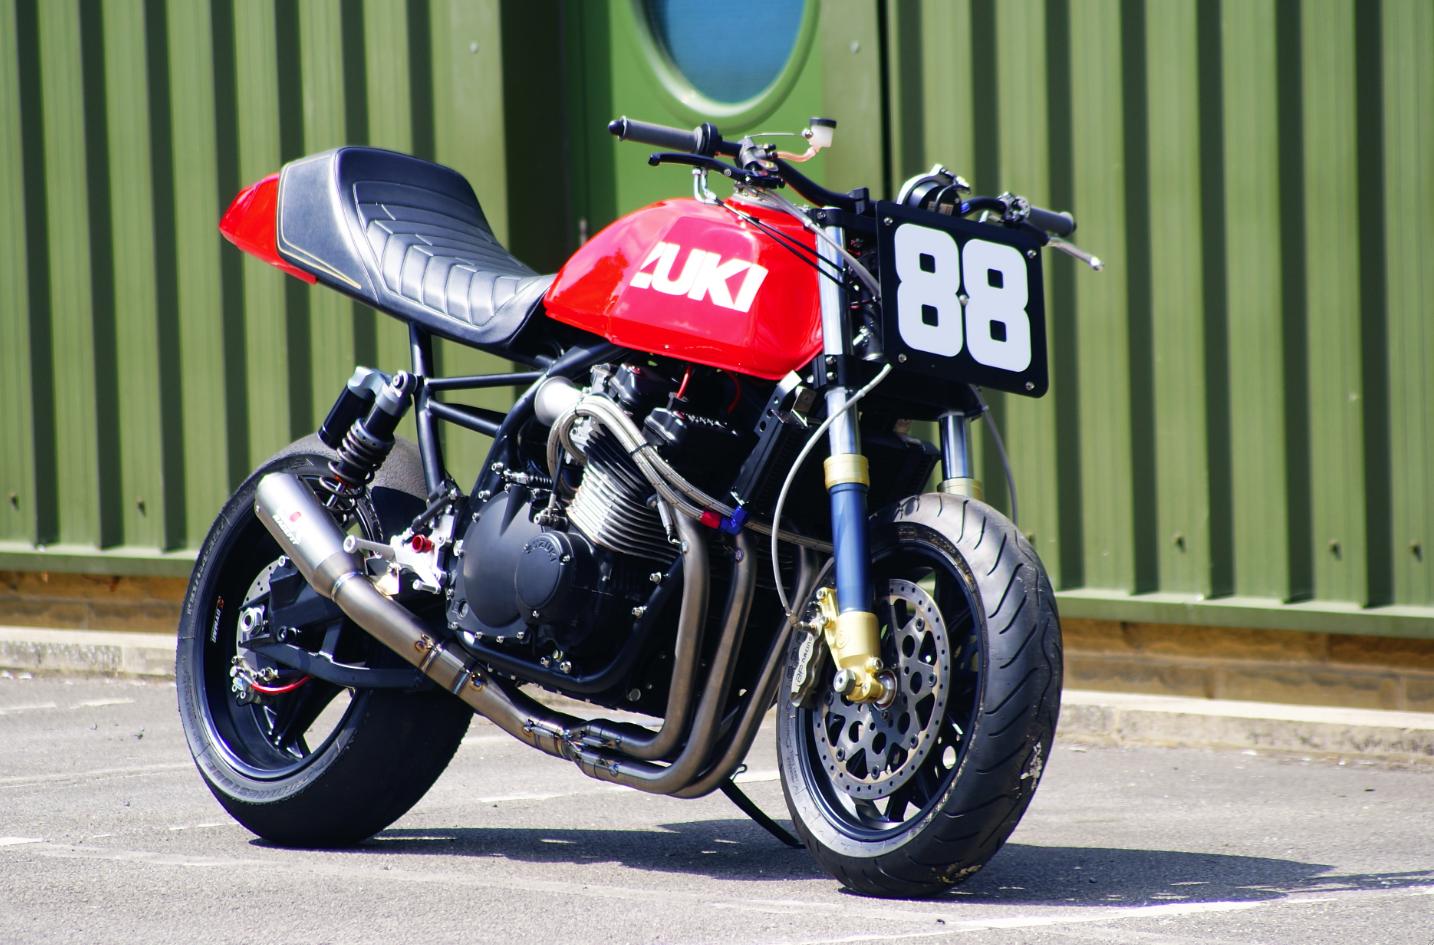 Suzuki Gsx By Racefit